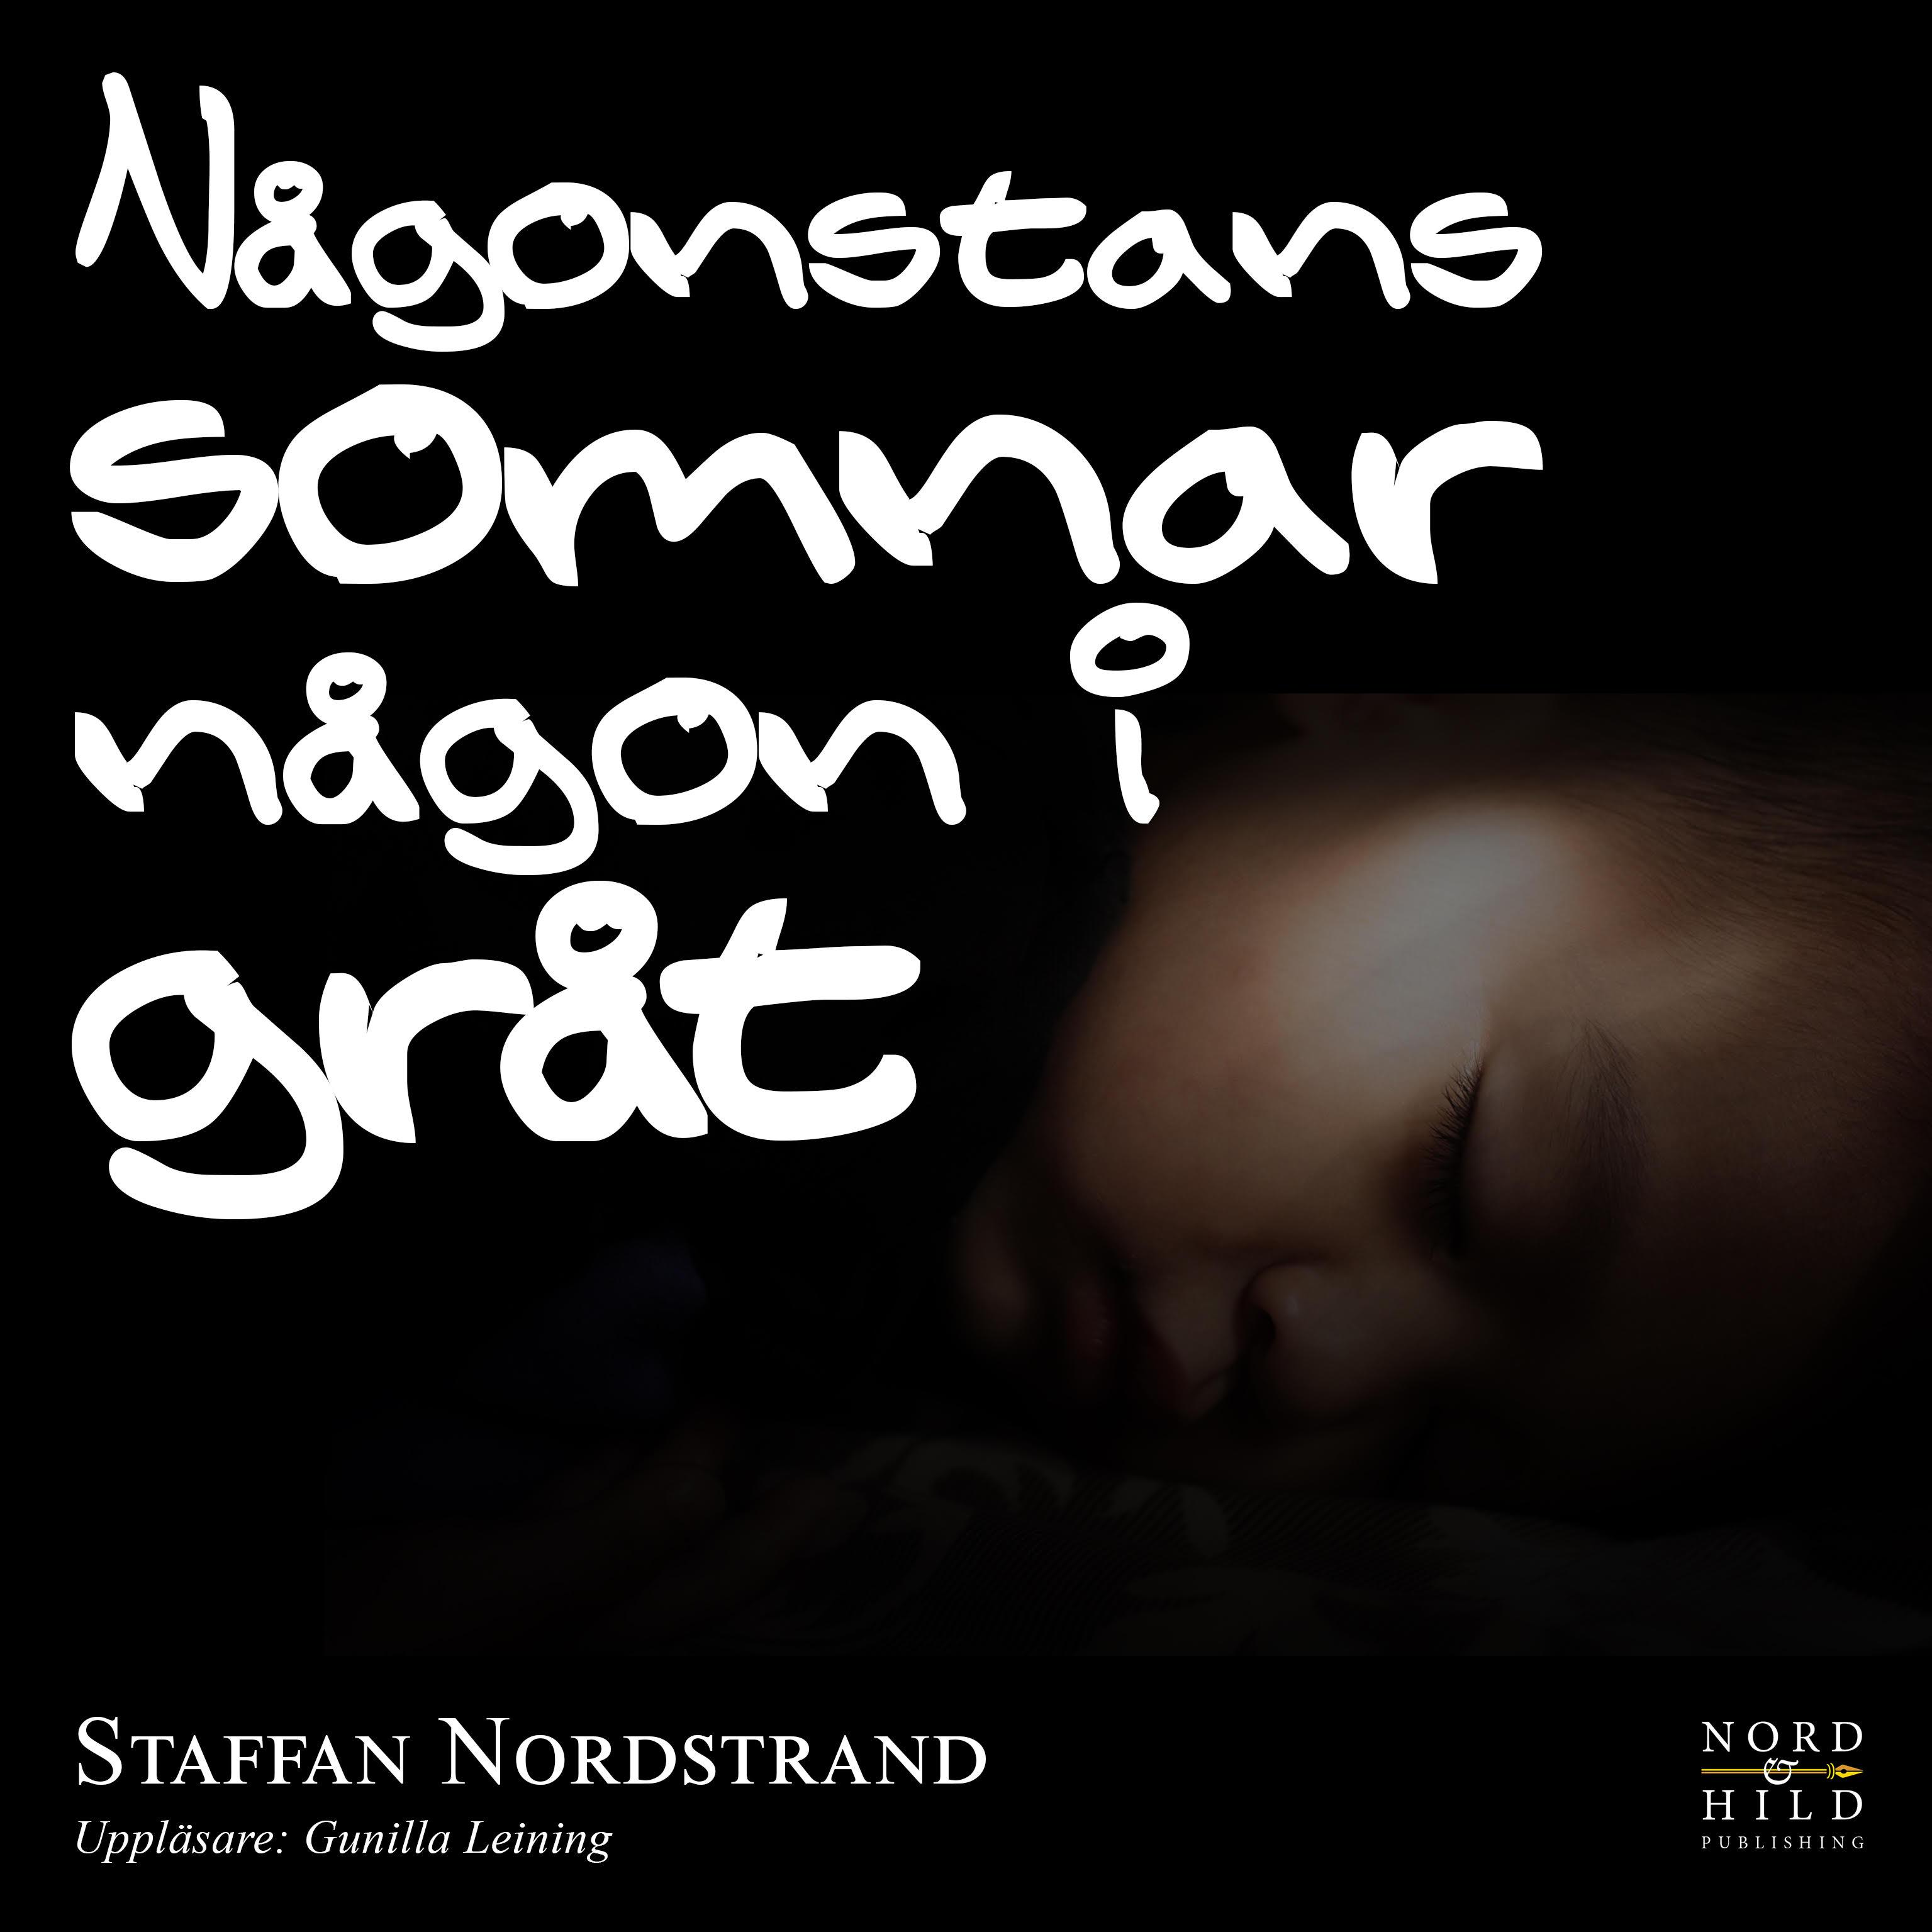 Någonstans somnar något i gråt – Staffan Nordstrand